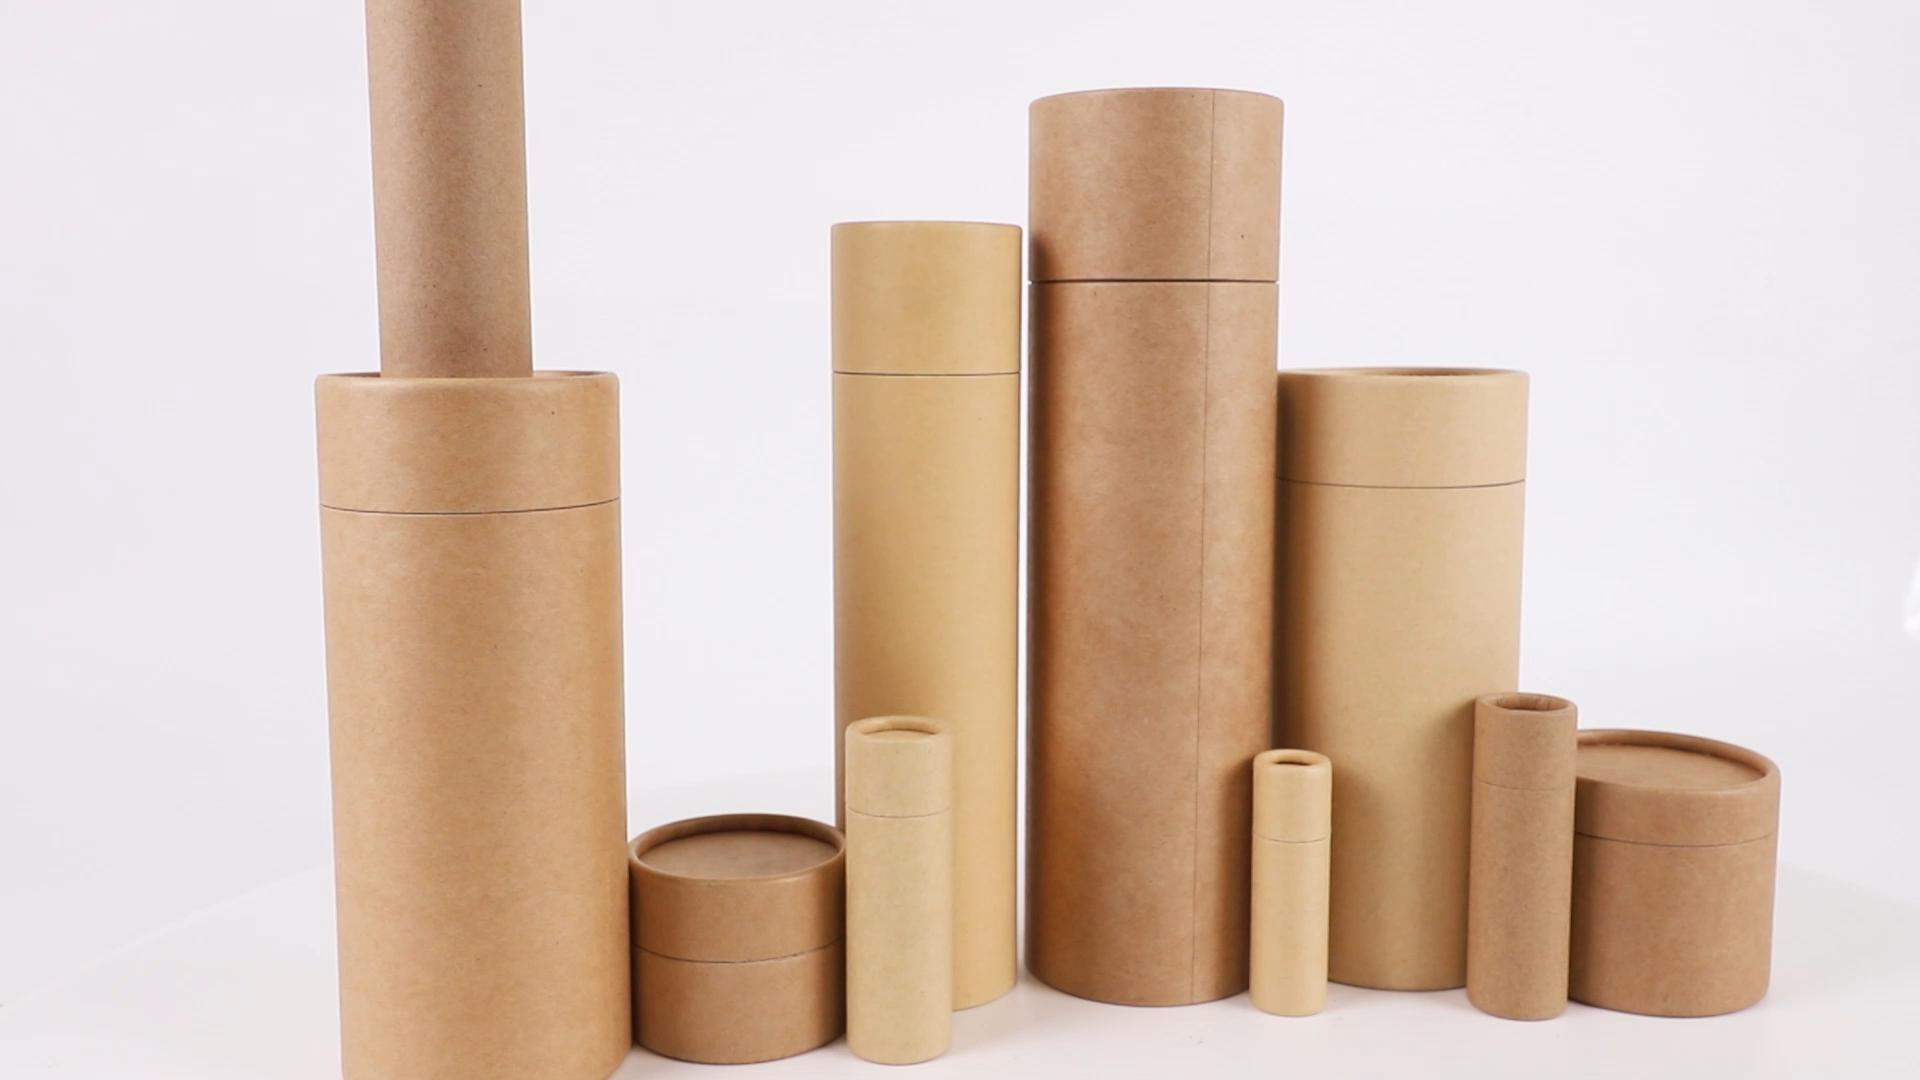 Su misura del Mestiere di Carta Scatola di Imballaggio Cilindro Contenitori Rotondi Per Il Cibo Imballaggio Tubo di Carta